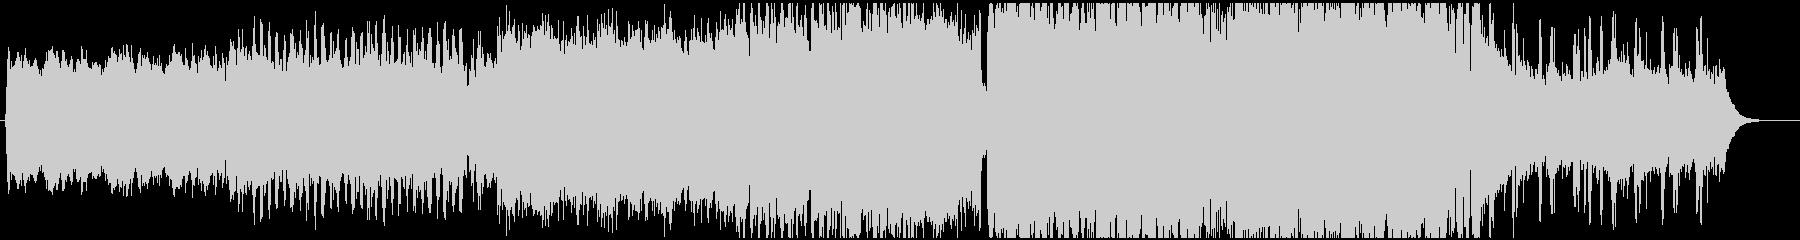 ピアノとシンセリードが印象的なEDMの未再生の波形